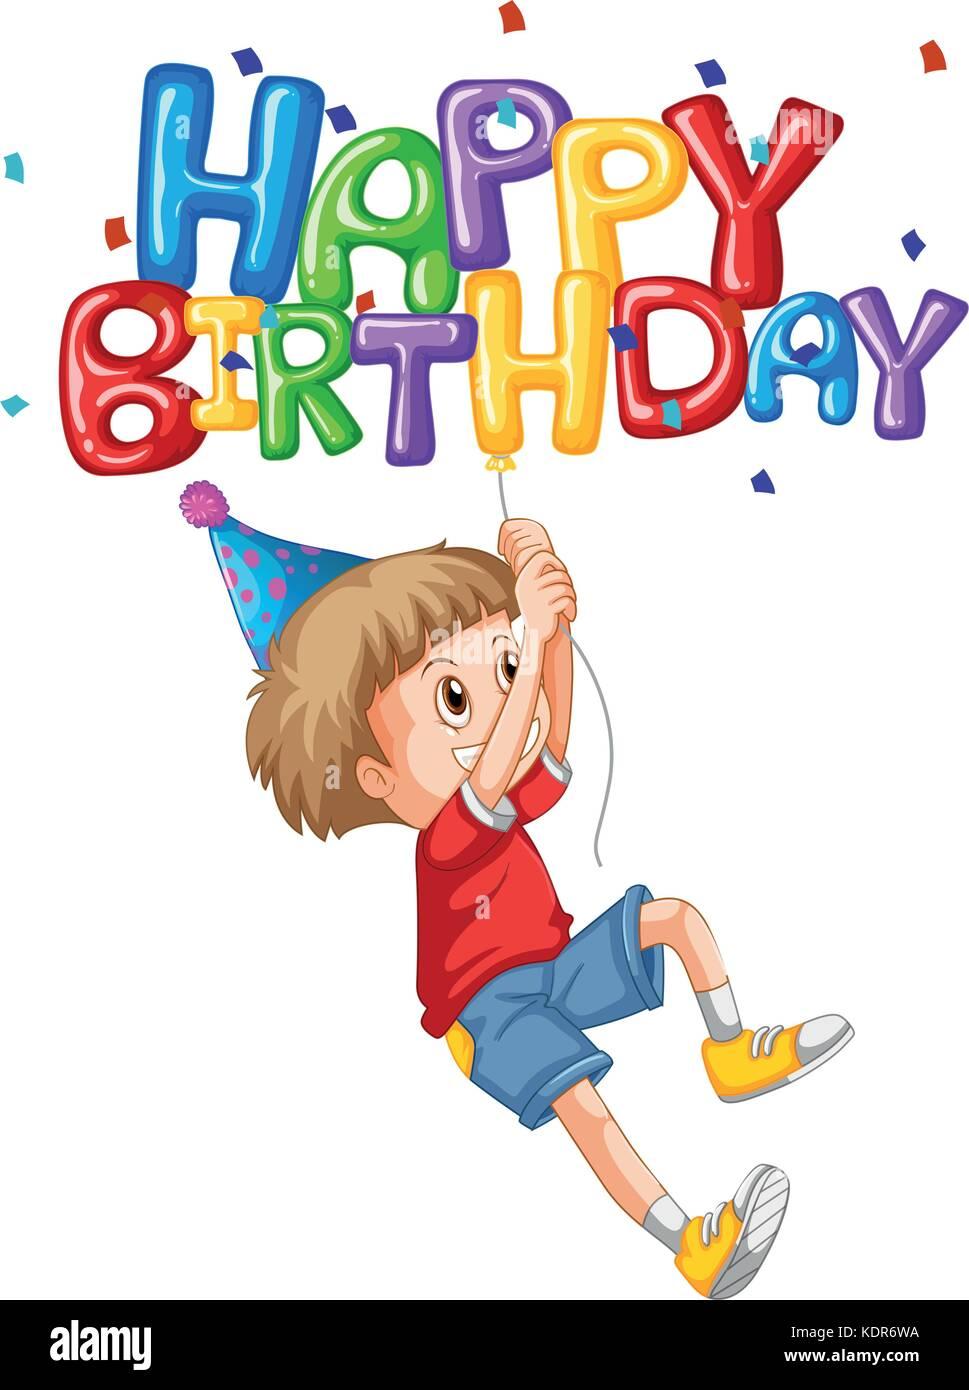 Little Boy Und Happy Birthday Ballon Abbildung